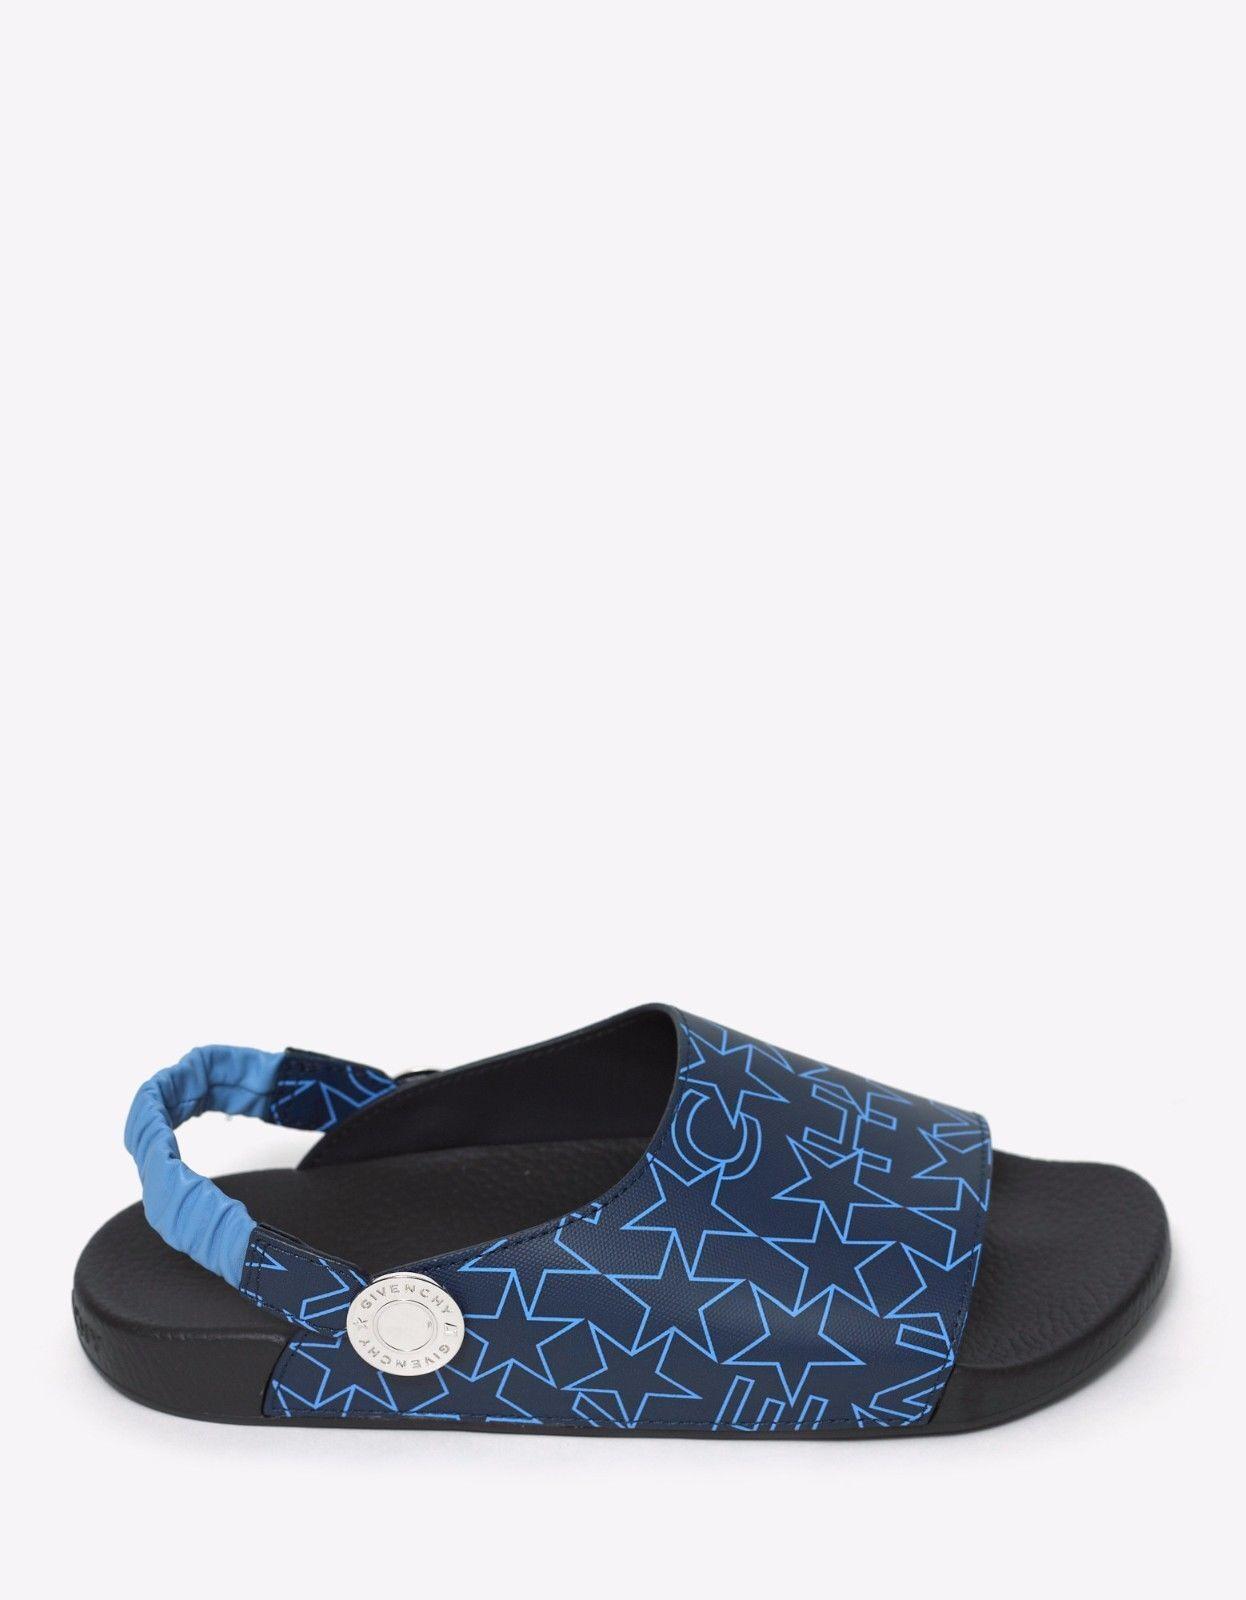 NEU Riemchensandalen Givenchy marineblau sterneaufdruck Slip Riemchensandalen NEU NEU mit Etikett f3e0c1